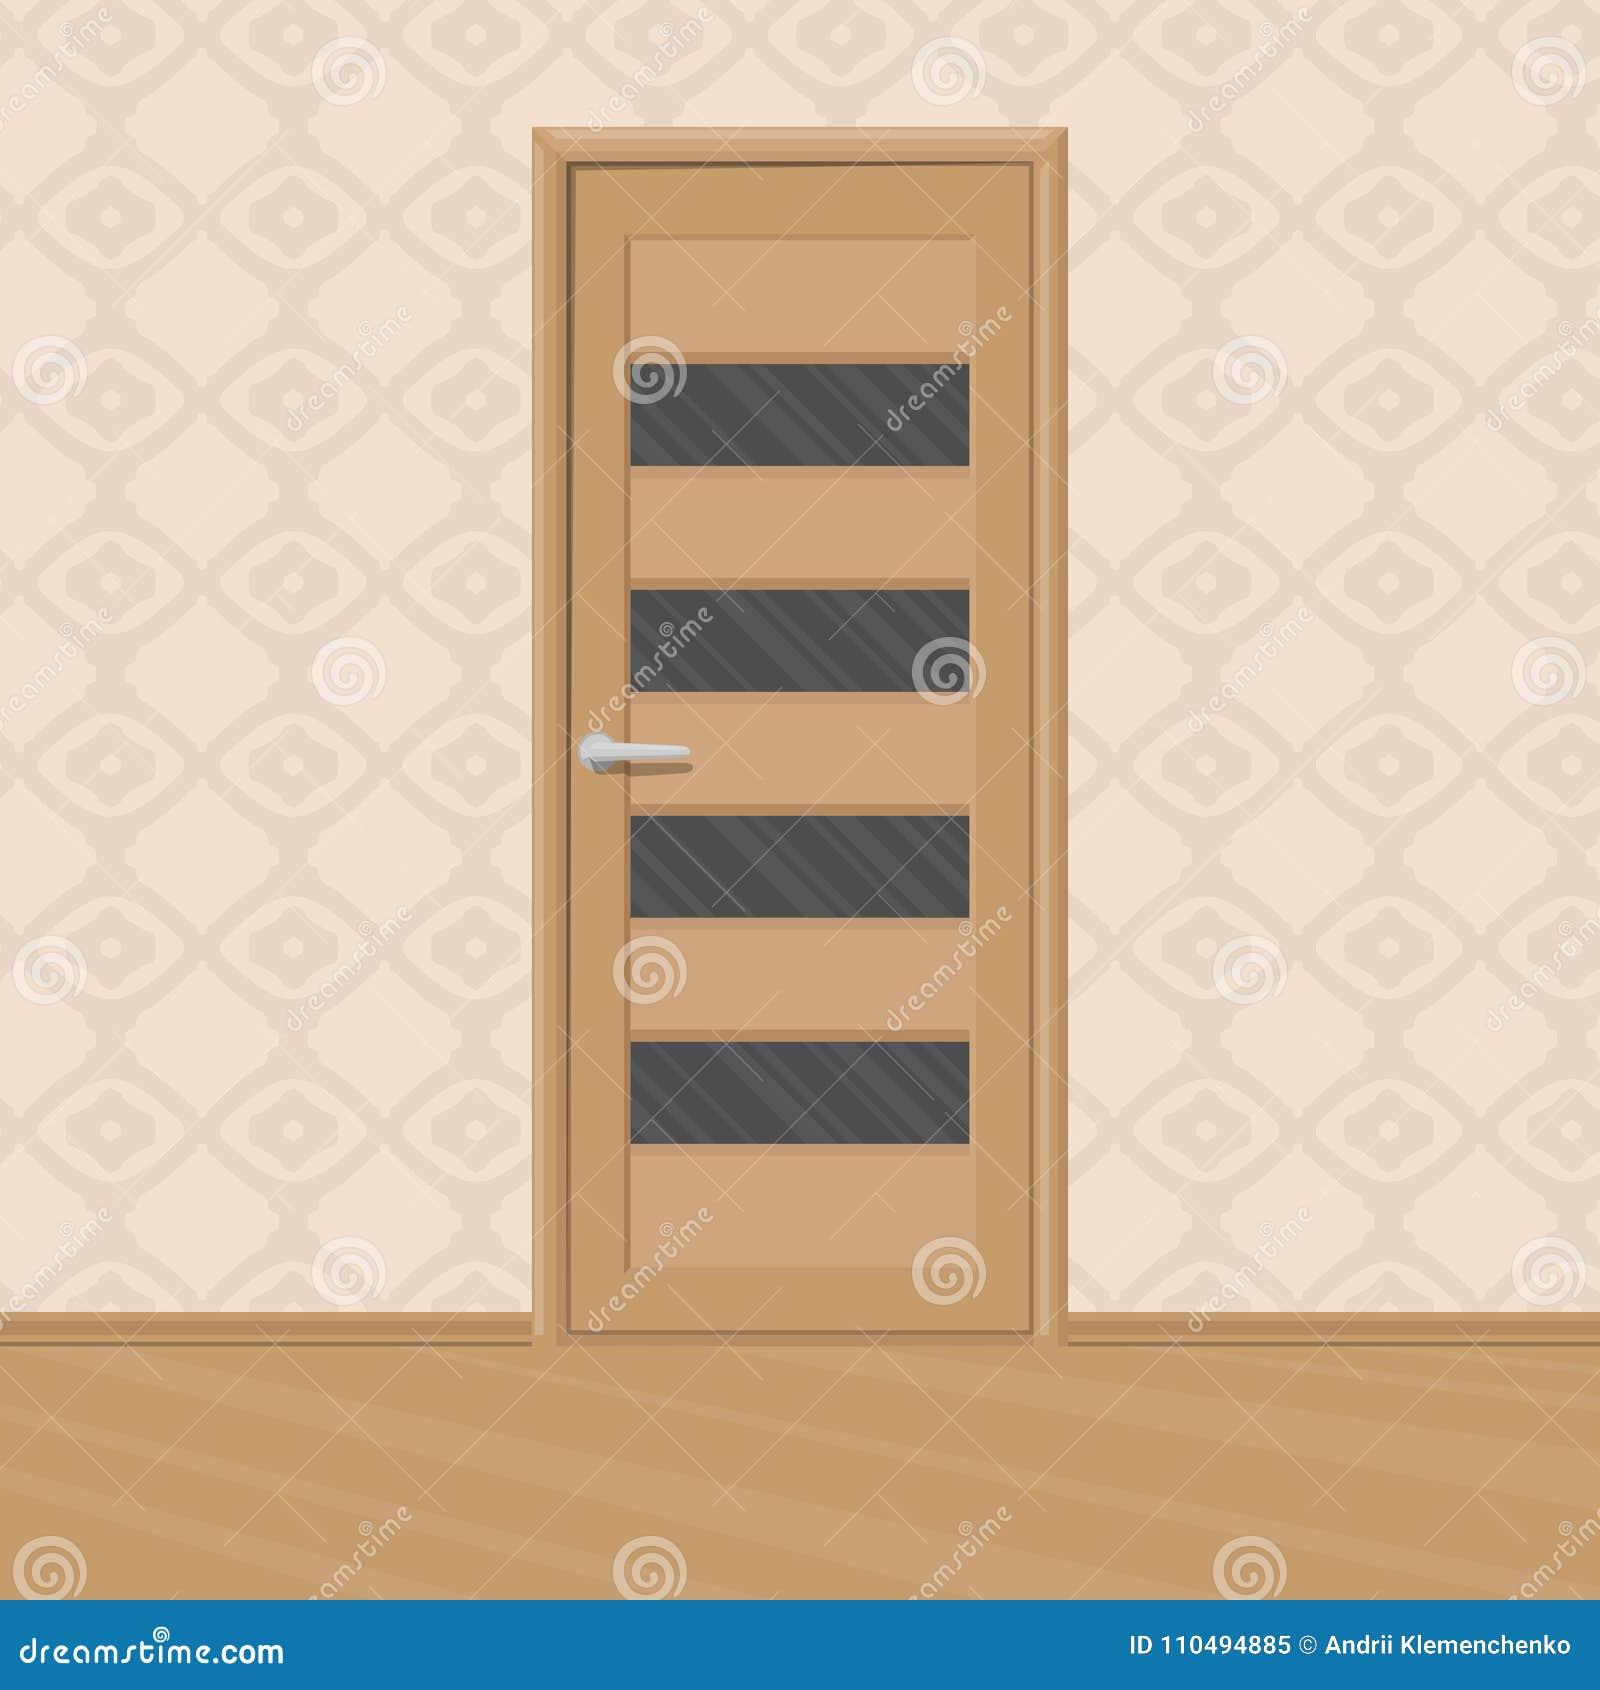 Cartoon Brown Wooden New Door With Doors Glass Frames In A Room